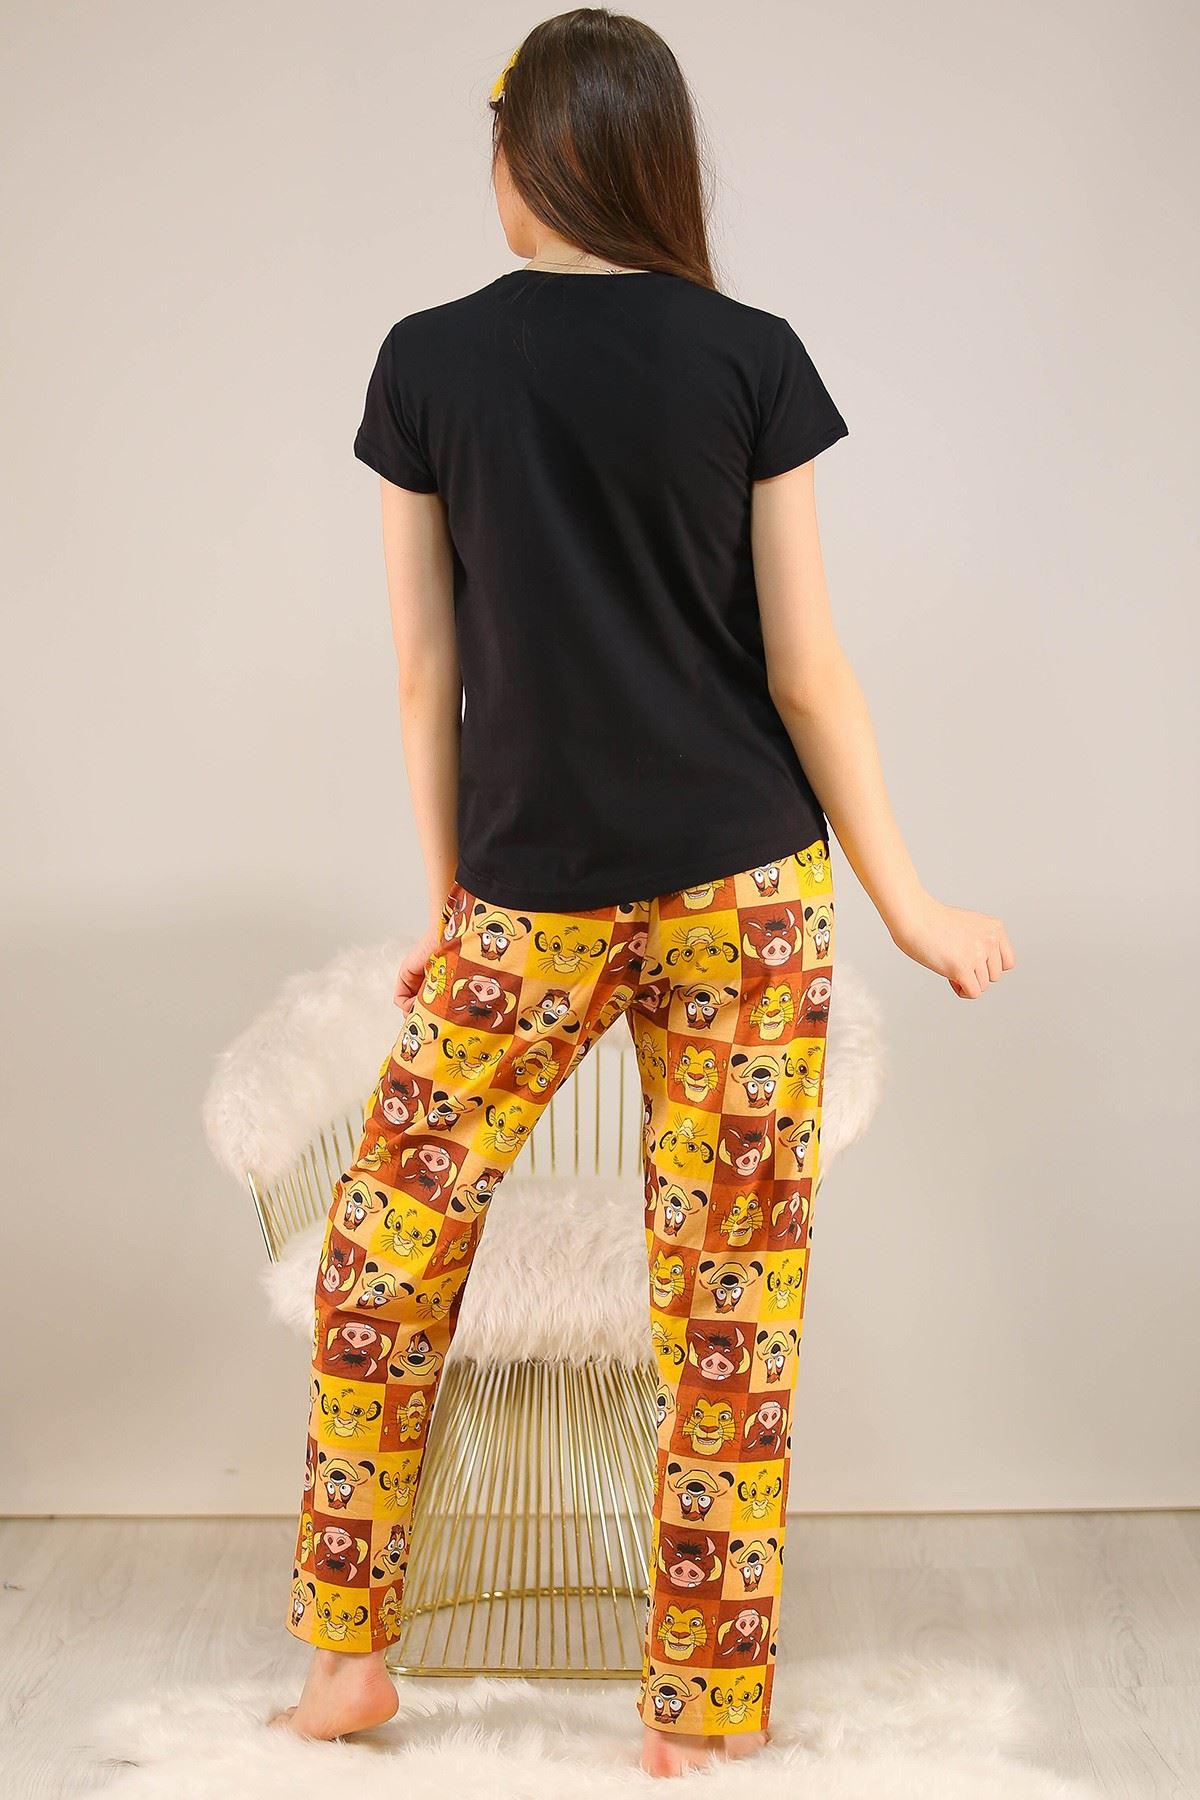 Baskılı Pijama Takımı Siyah - 21911.1059.